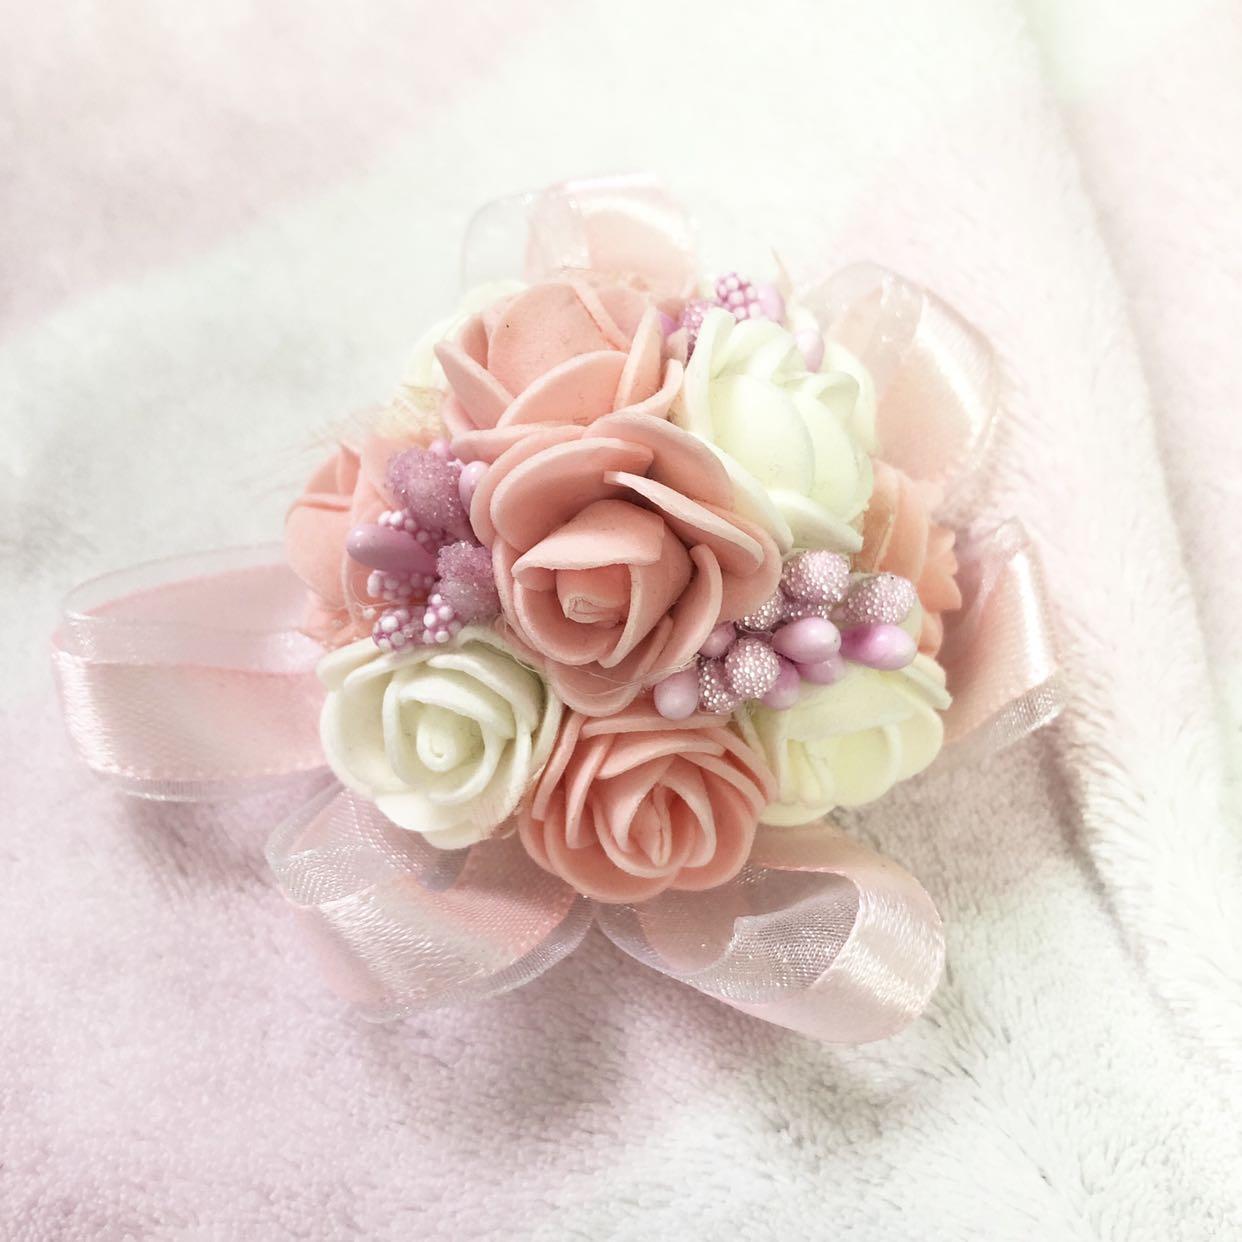 Pink Corsage 姊妹手花